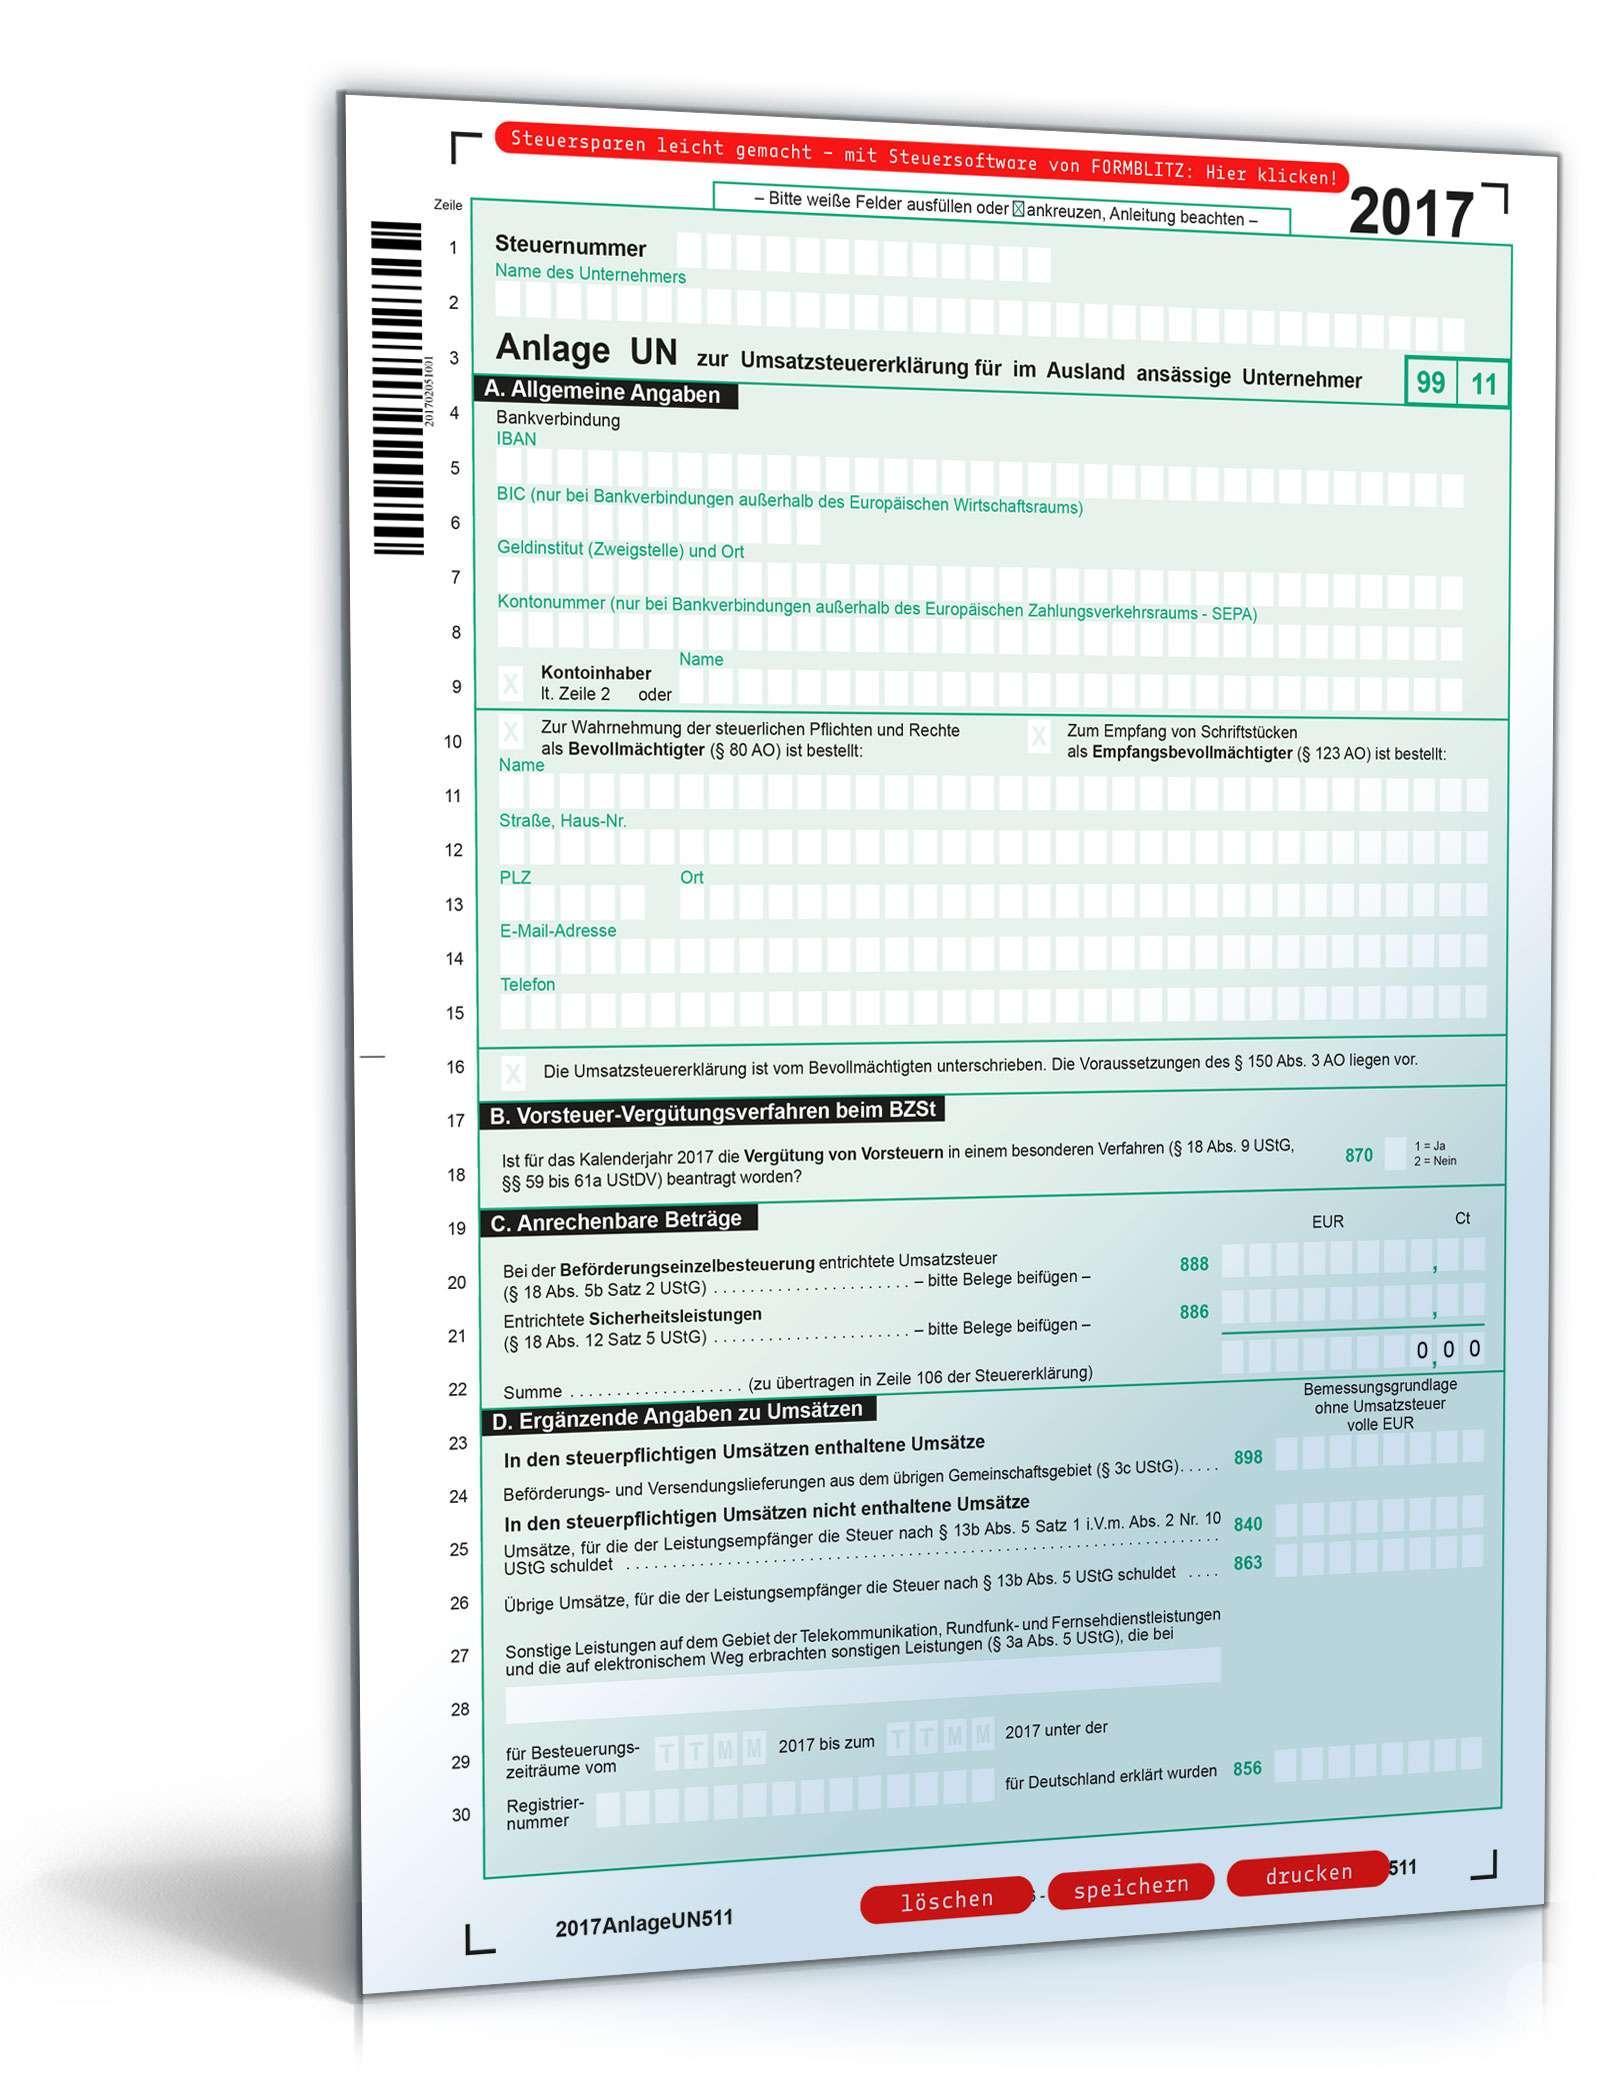 Anlage UN zur Umsatzsteuererklärung 2017 Dokument zum Download